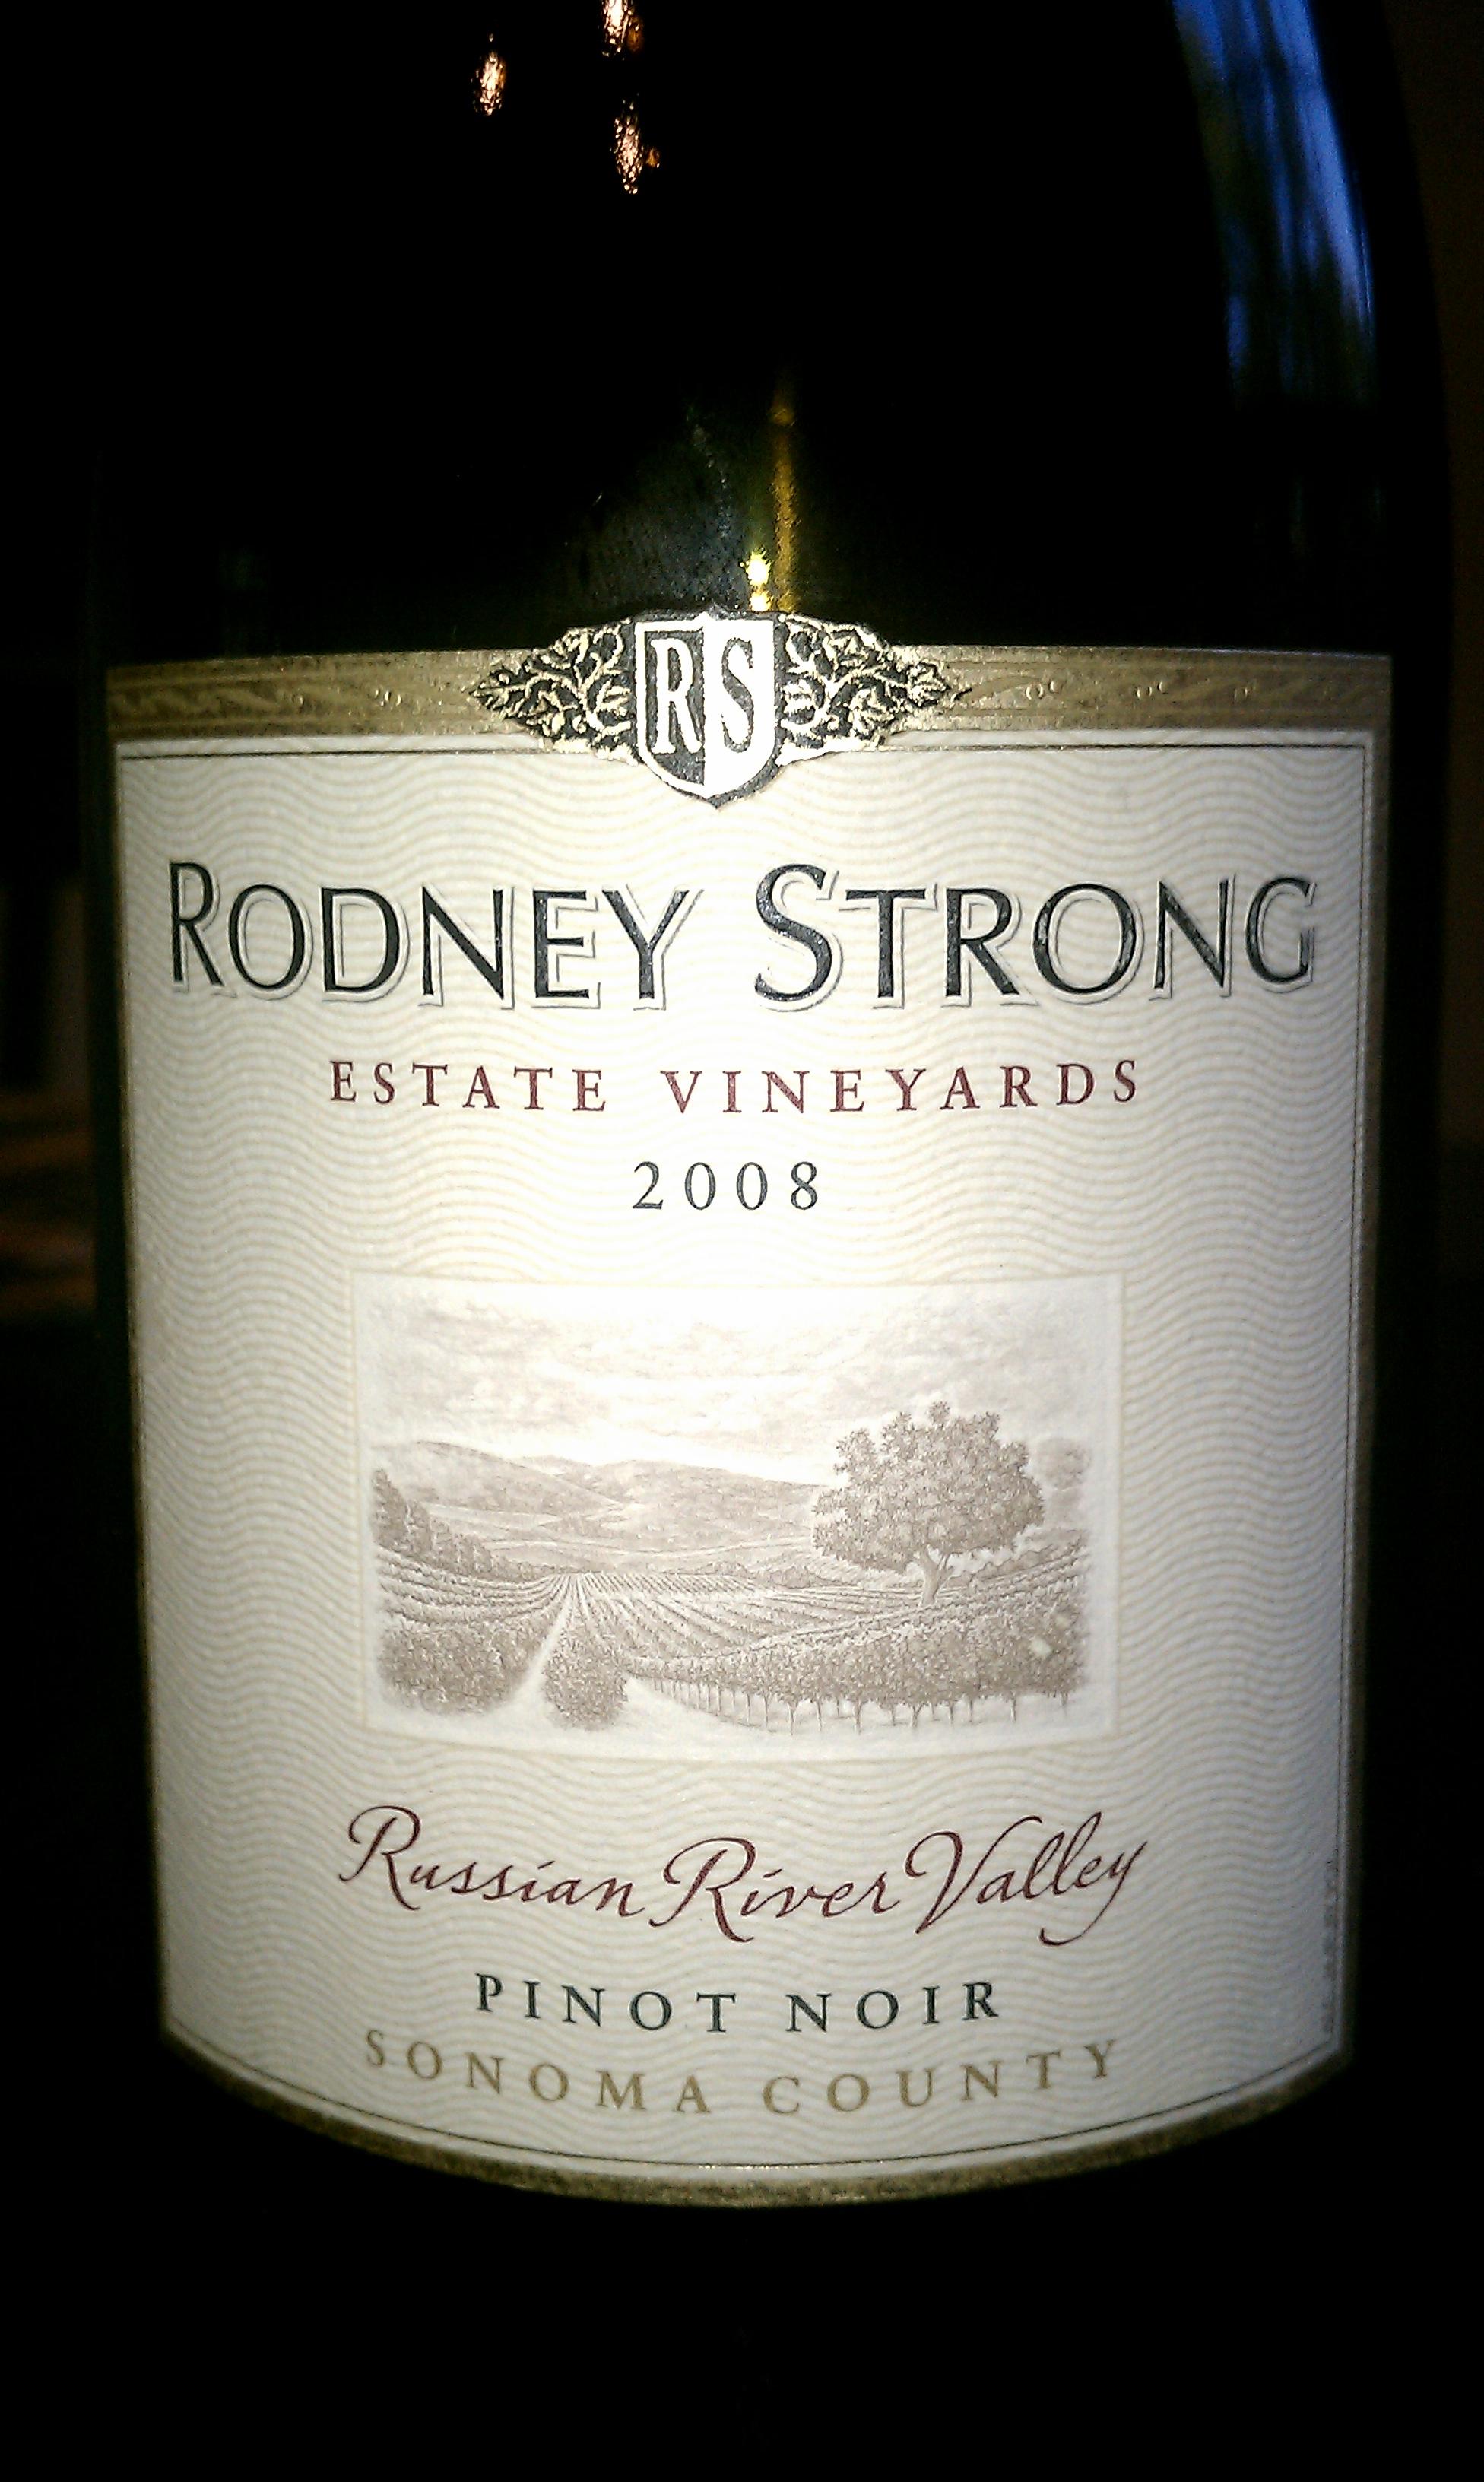 2008 Rodney Strong Pinot Noir